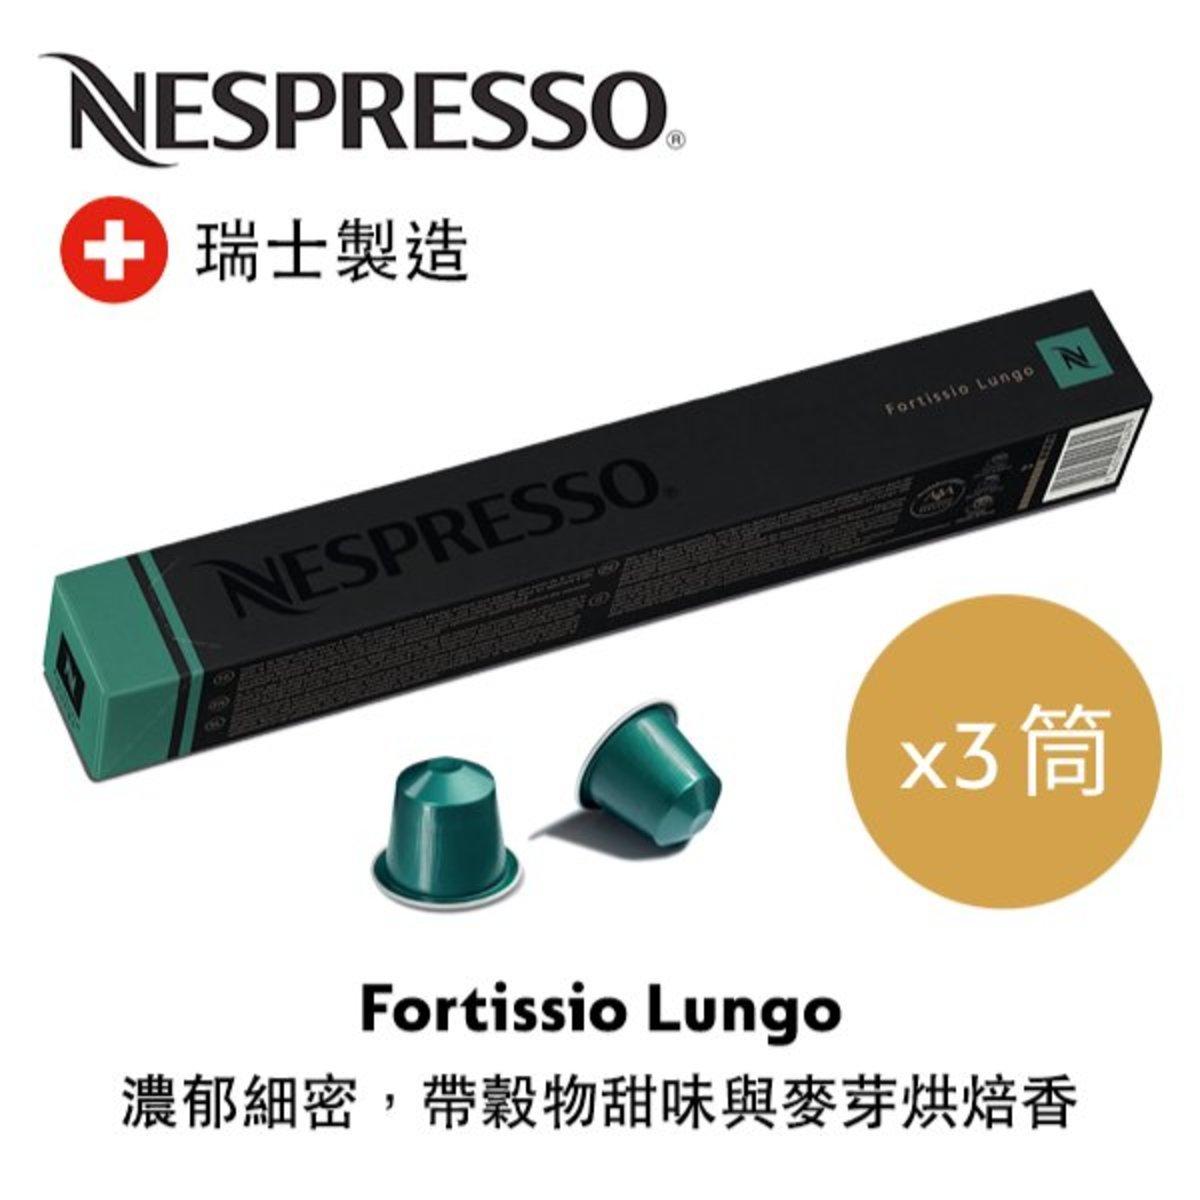 Fortissio Lungo 咖啡粉囊 x 3 筒- 長杯咖啡系列 (每筒包含 10 粒)